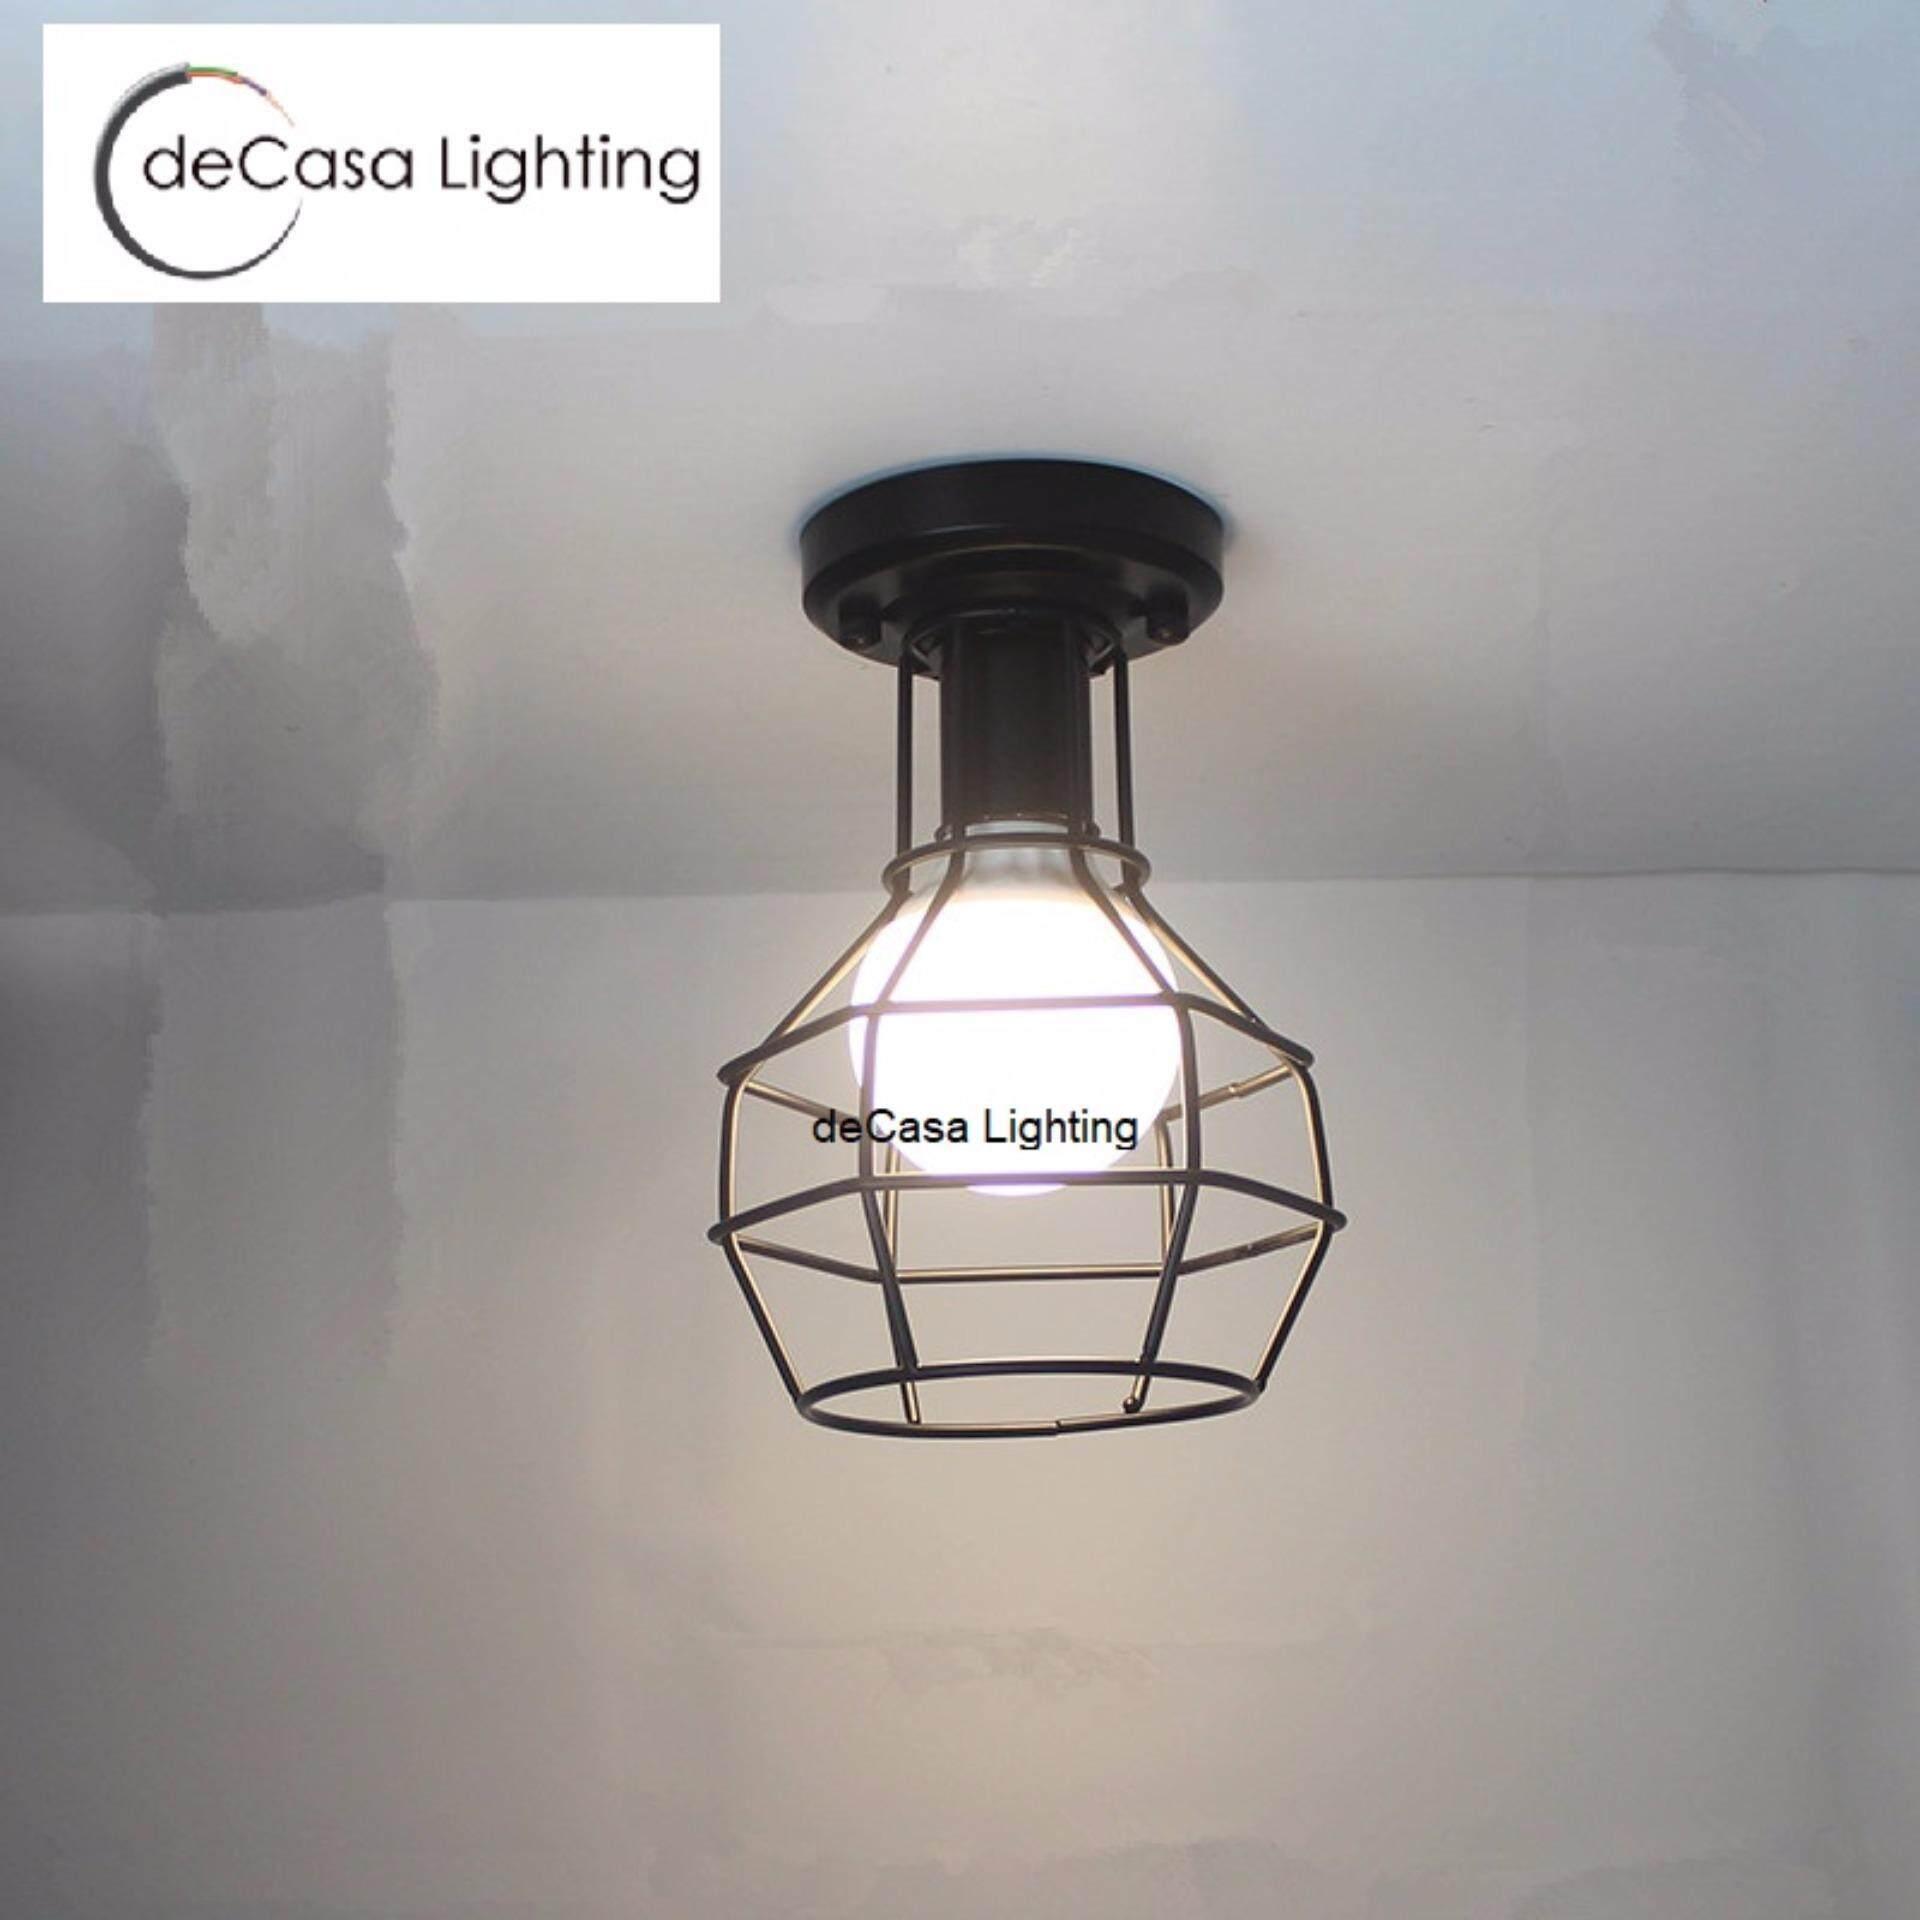 Black Loft Ceiling Light DECASA Hanging Light E27 Best Seller Ceiling Lamp (MH-0180-200-BK)